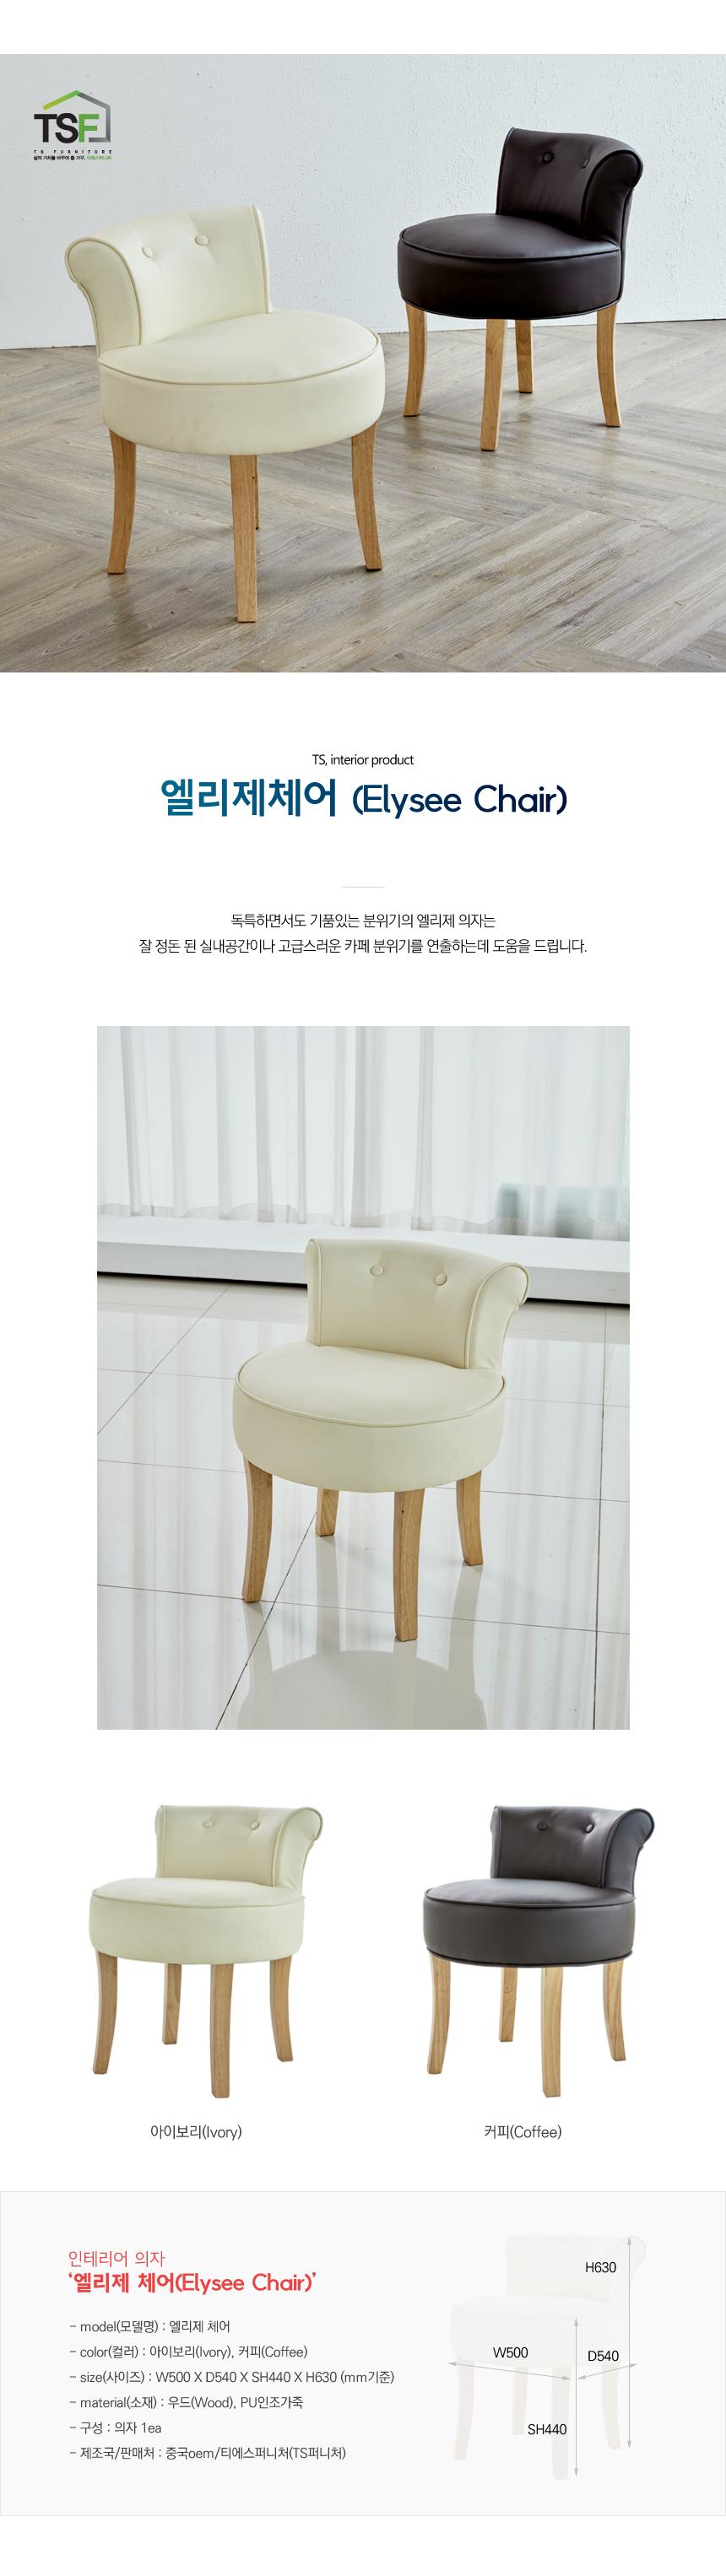 I 엘리제 체어 카페 인테리어 식탁의자 - 티에스퍼니처, 82,940원, 식탁/의자, 식탁 의자